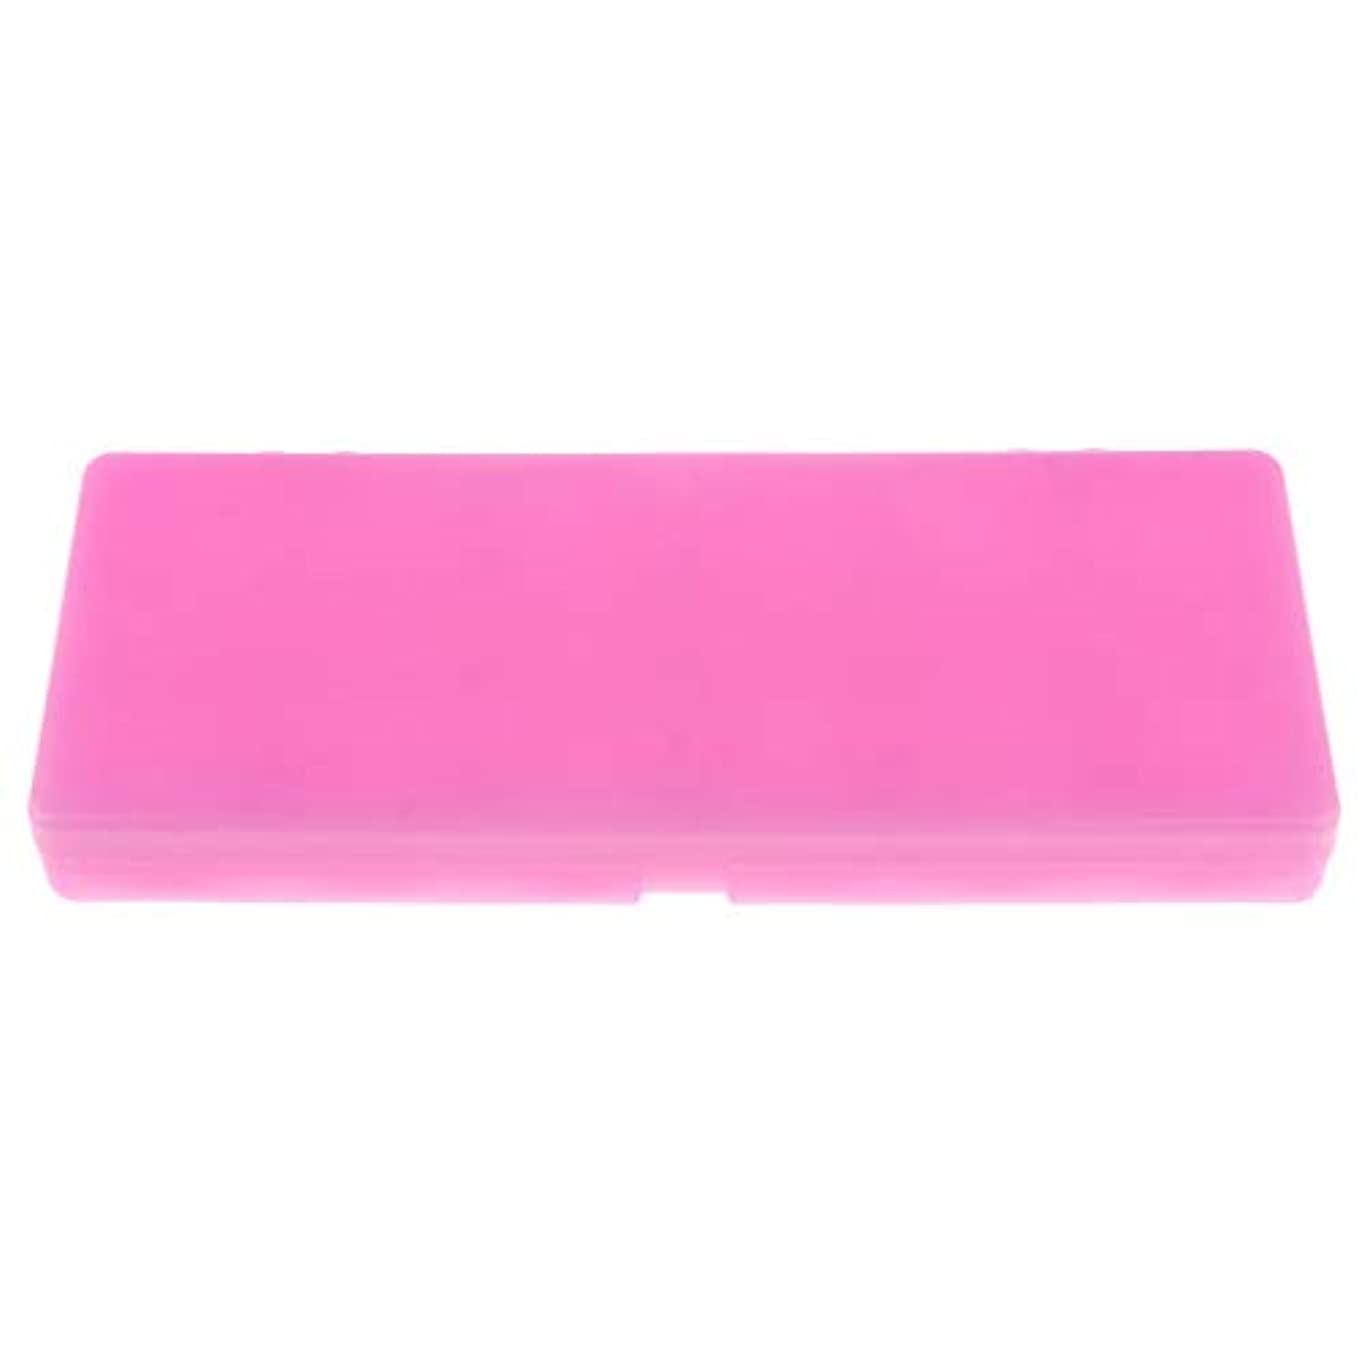 起きる湖固執水彩画/ガッシュ/アクリルオイルペイント用 ネイルアート 化粧品 混合パレット 3色 - ピンク